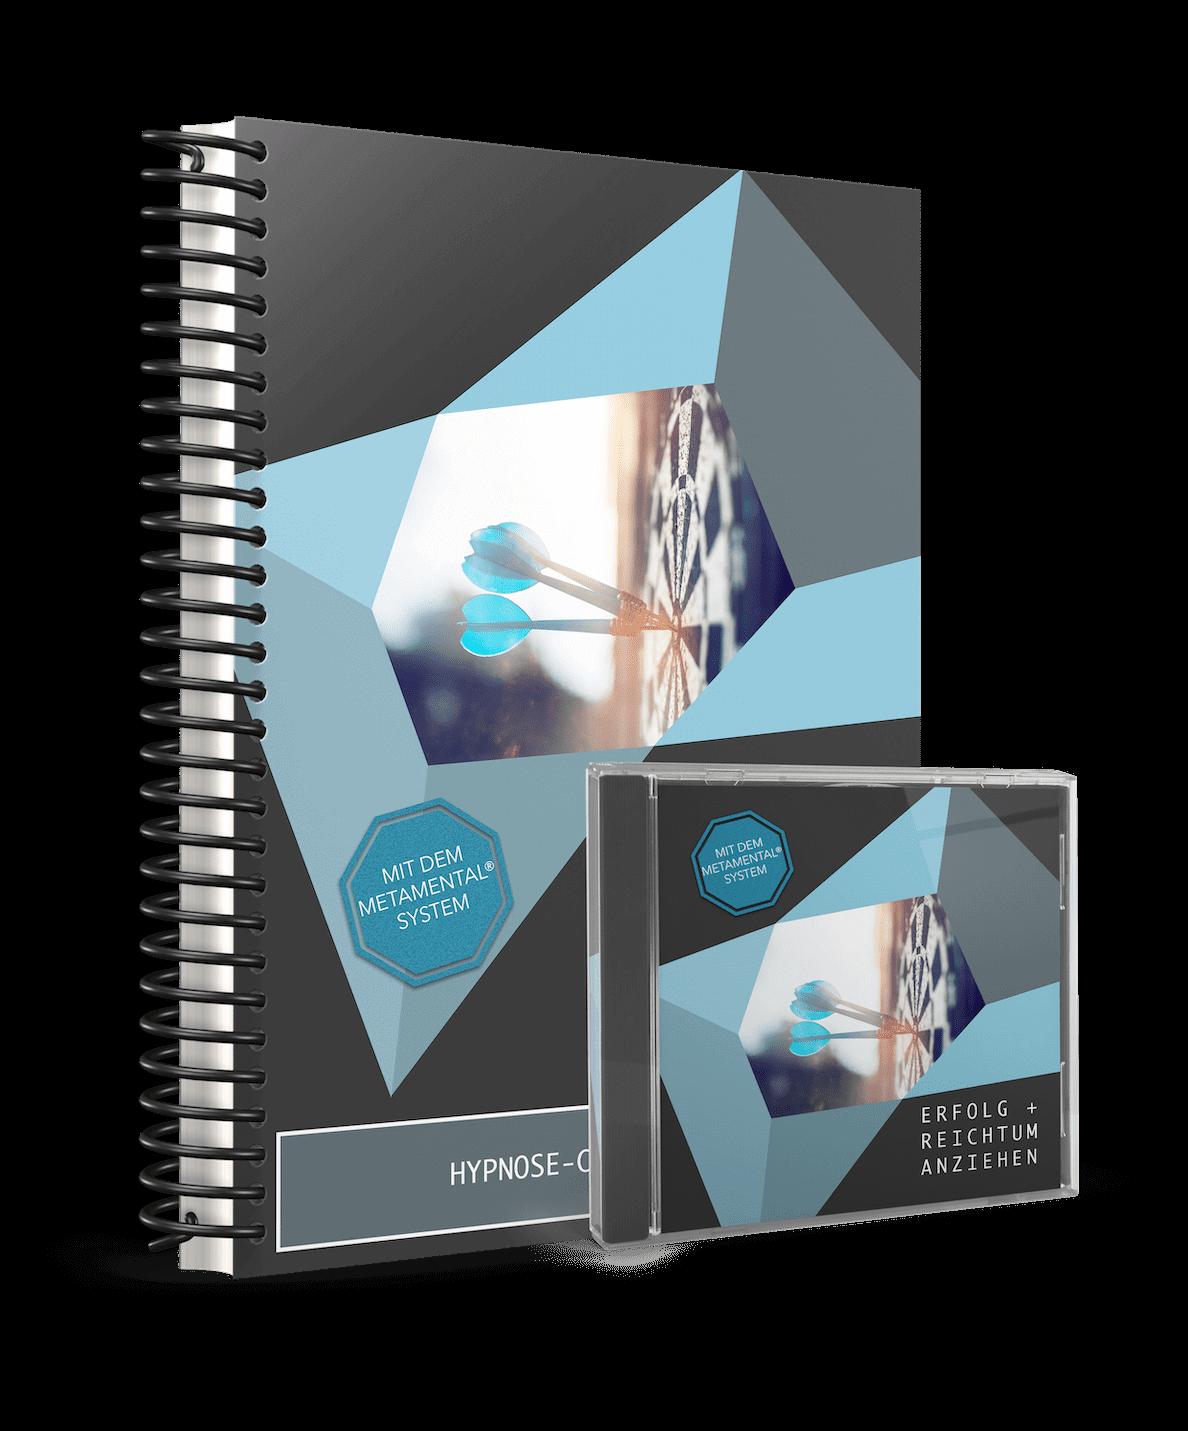 Erfolg und Reichtum anziehen Hypnose2 - Produkte